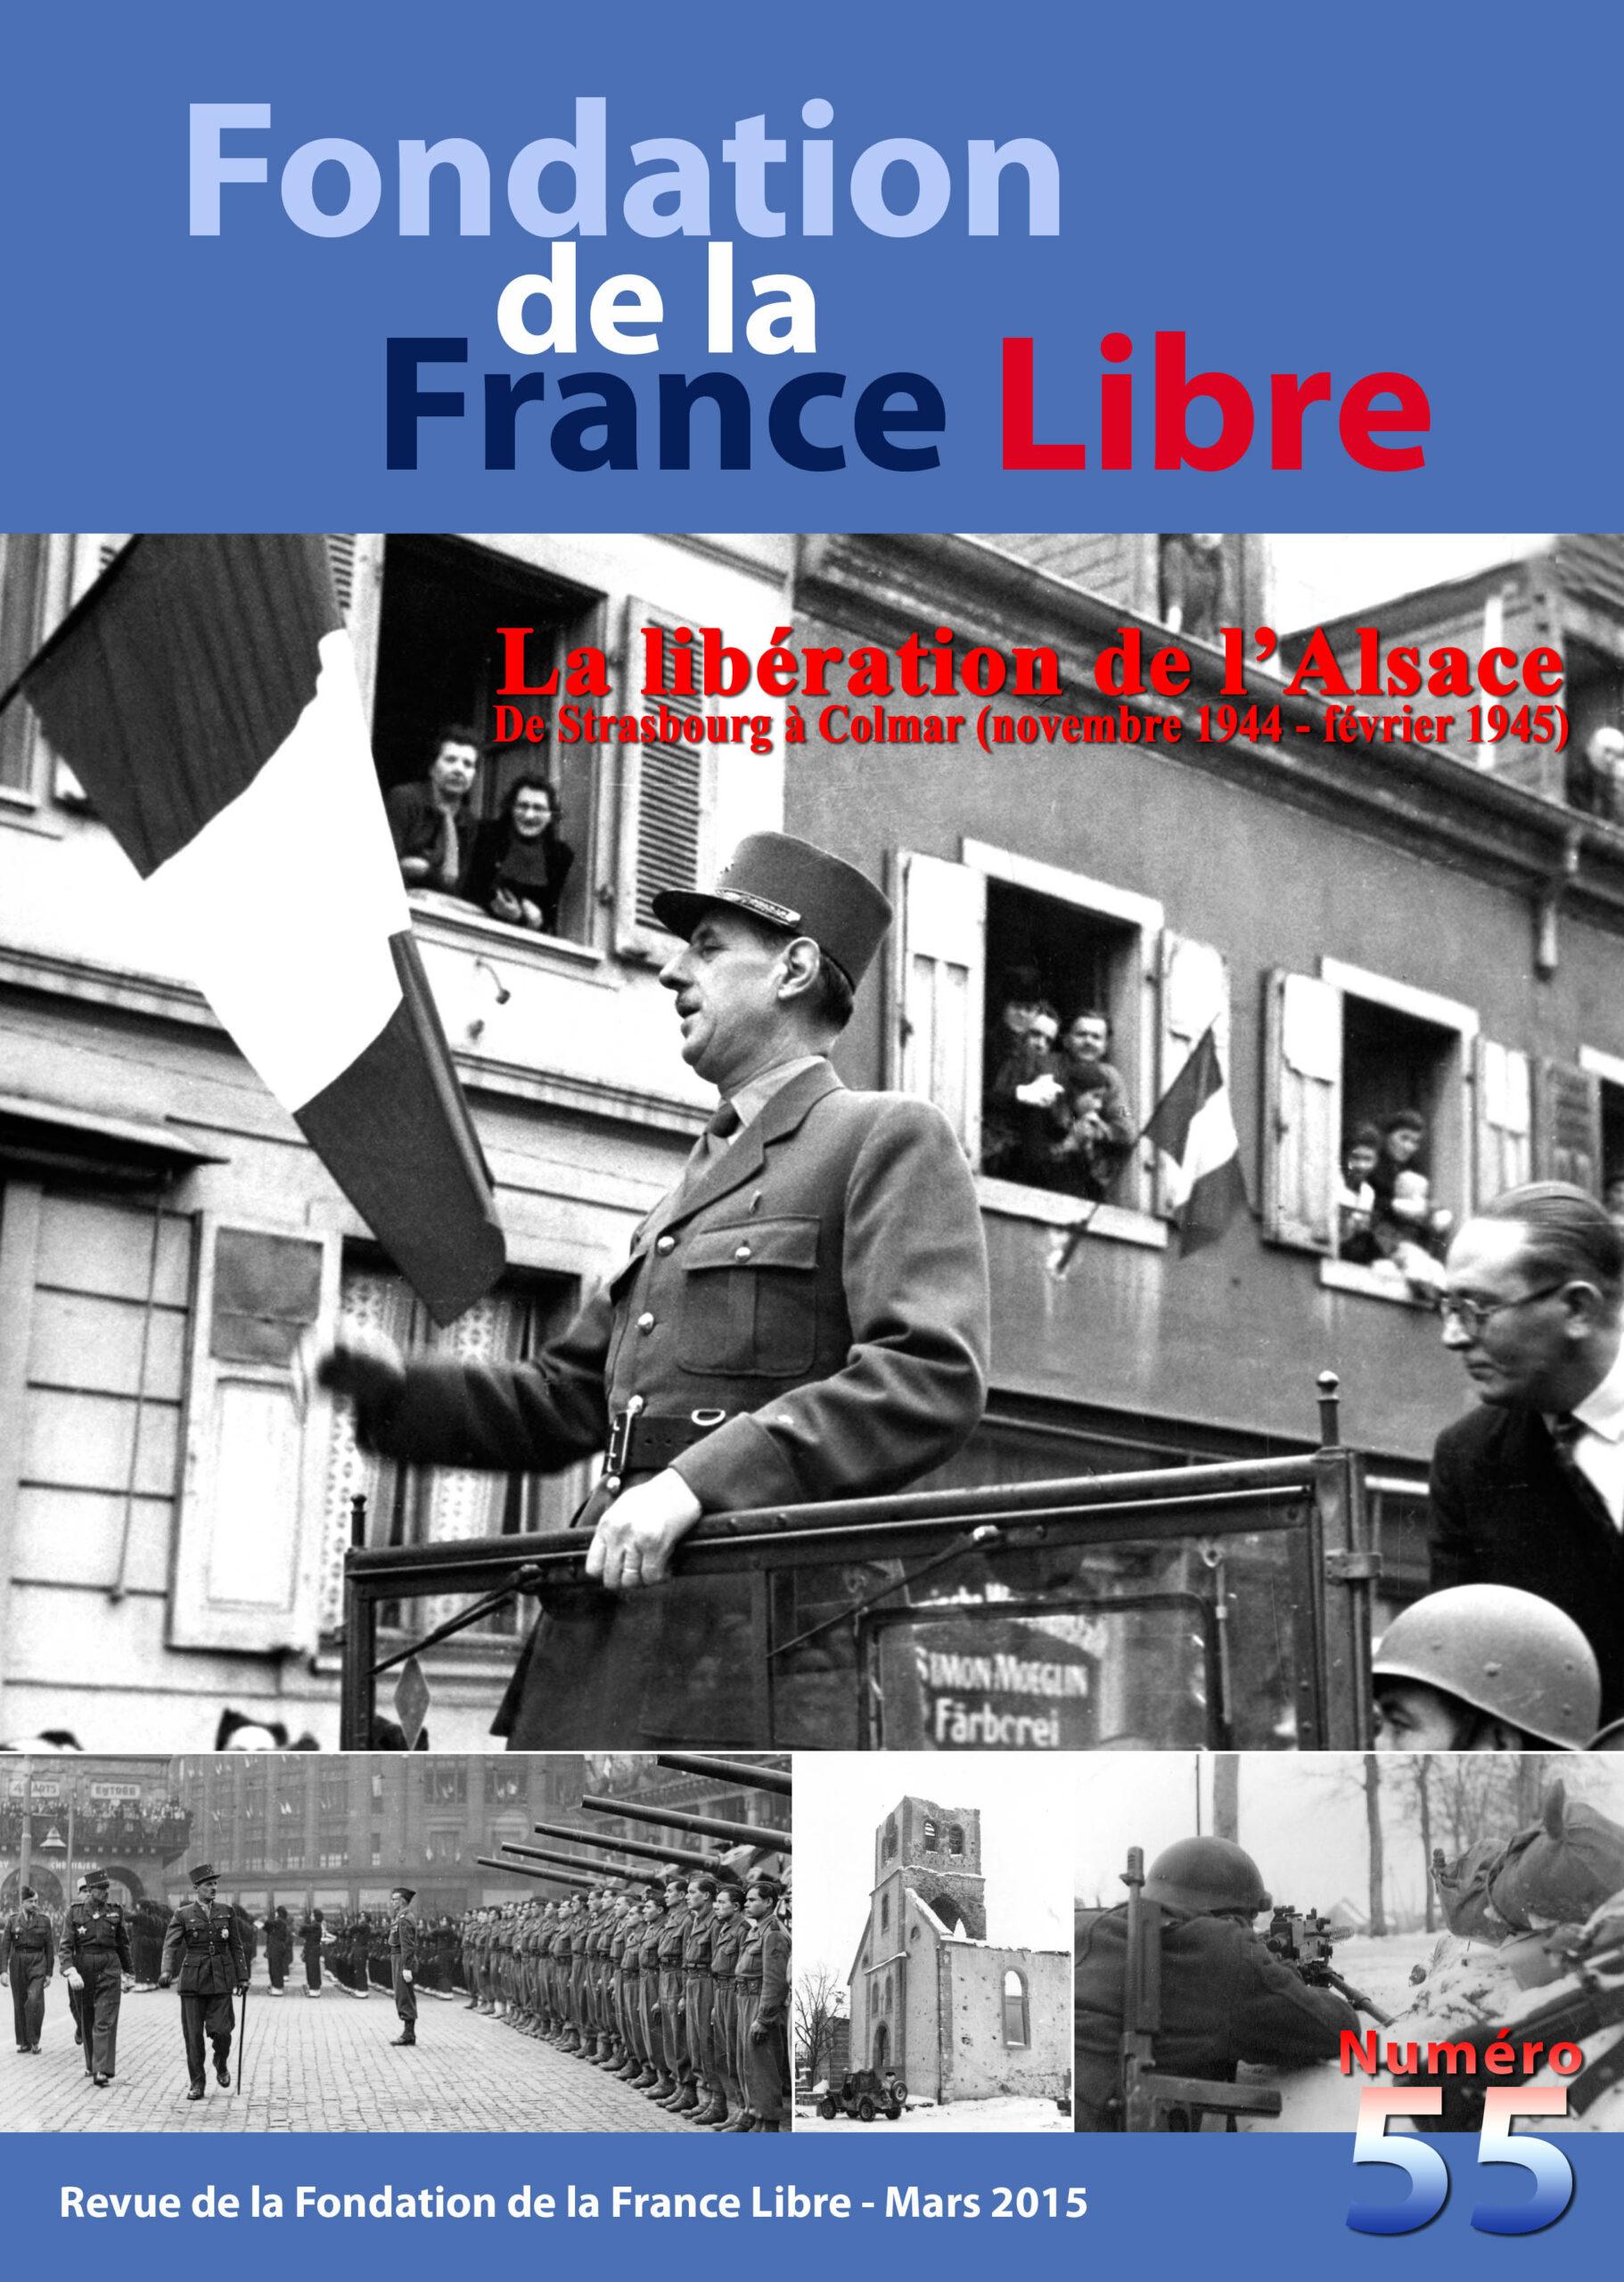 Fondation de la France Libre, n° 55, mars 2015